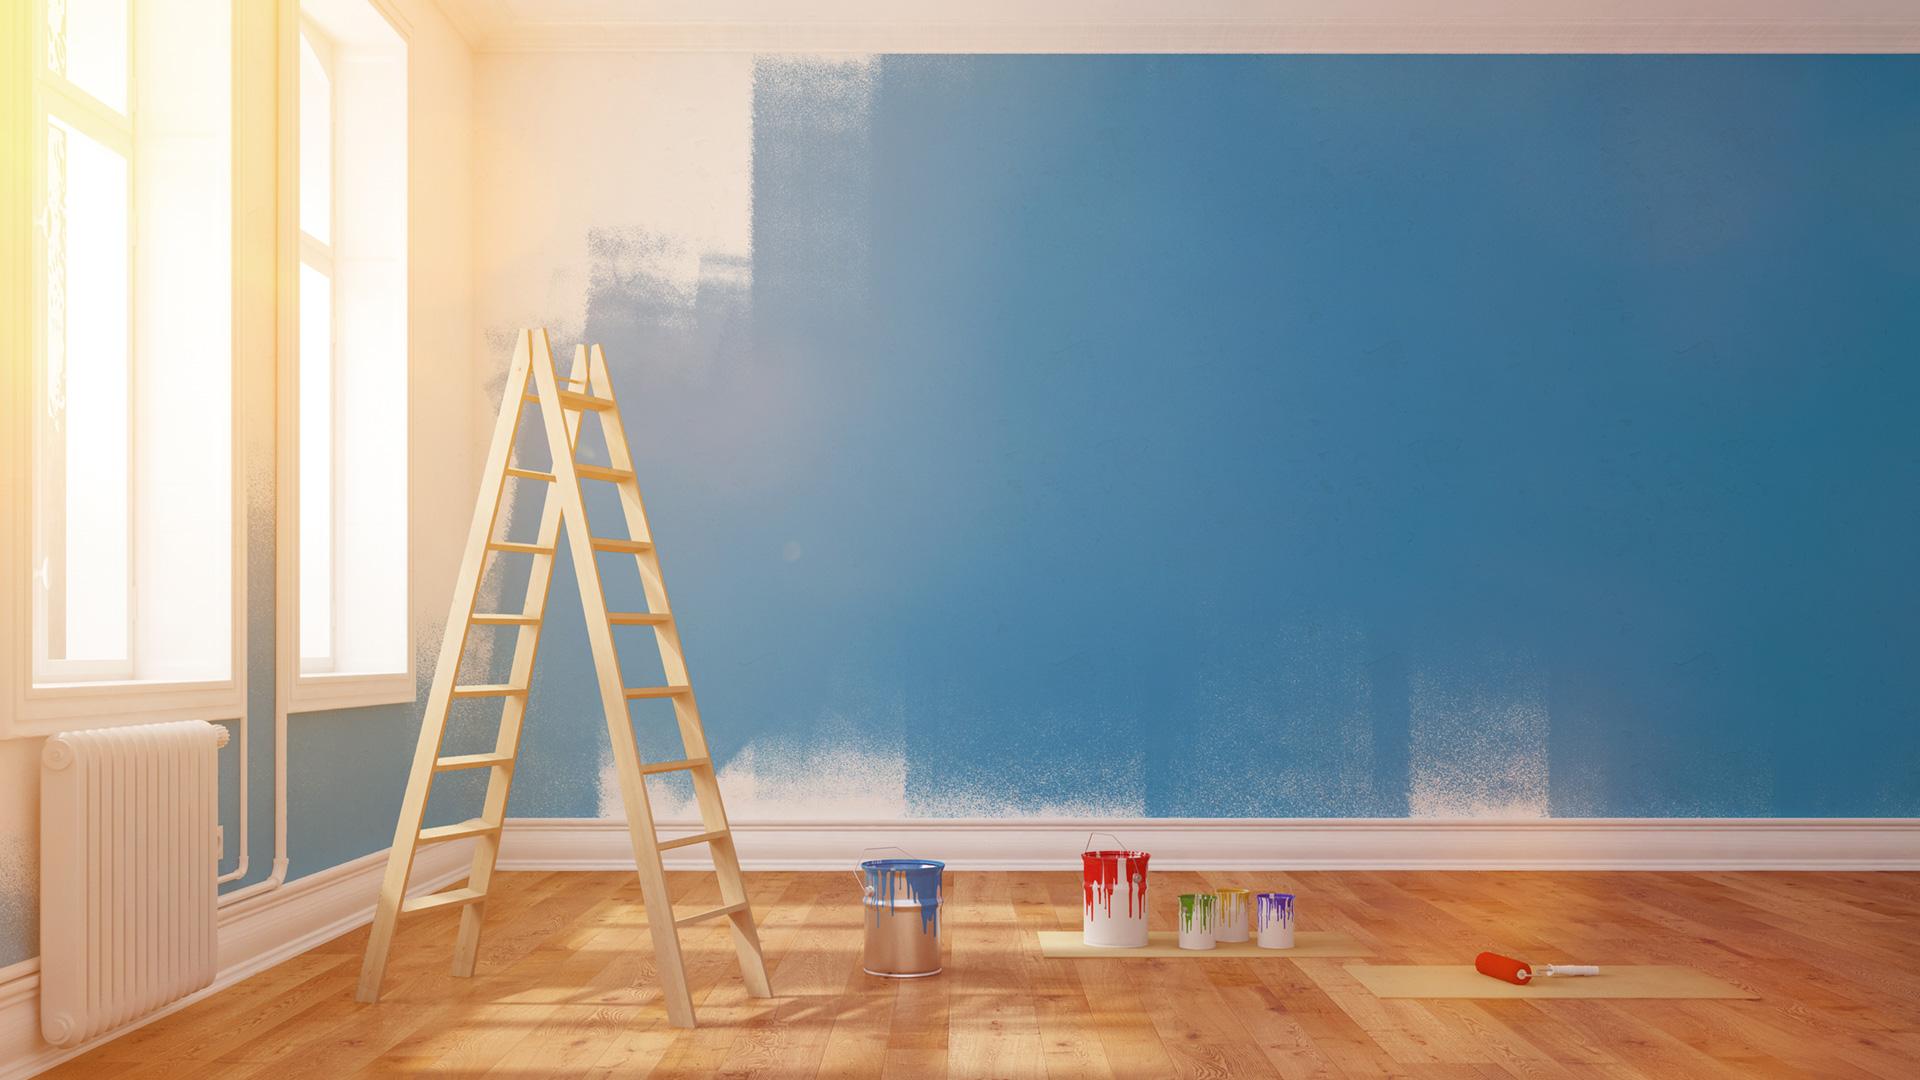 Farbe beeinflusst die Raumwahrnehmung